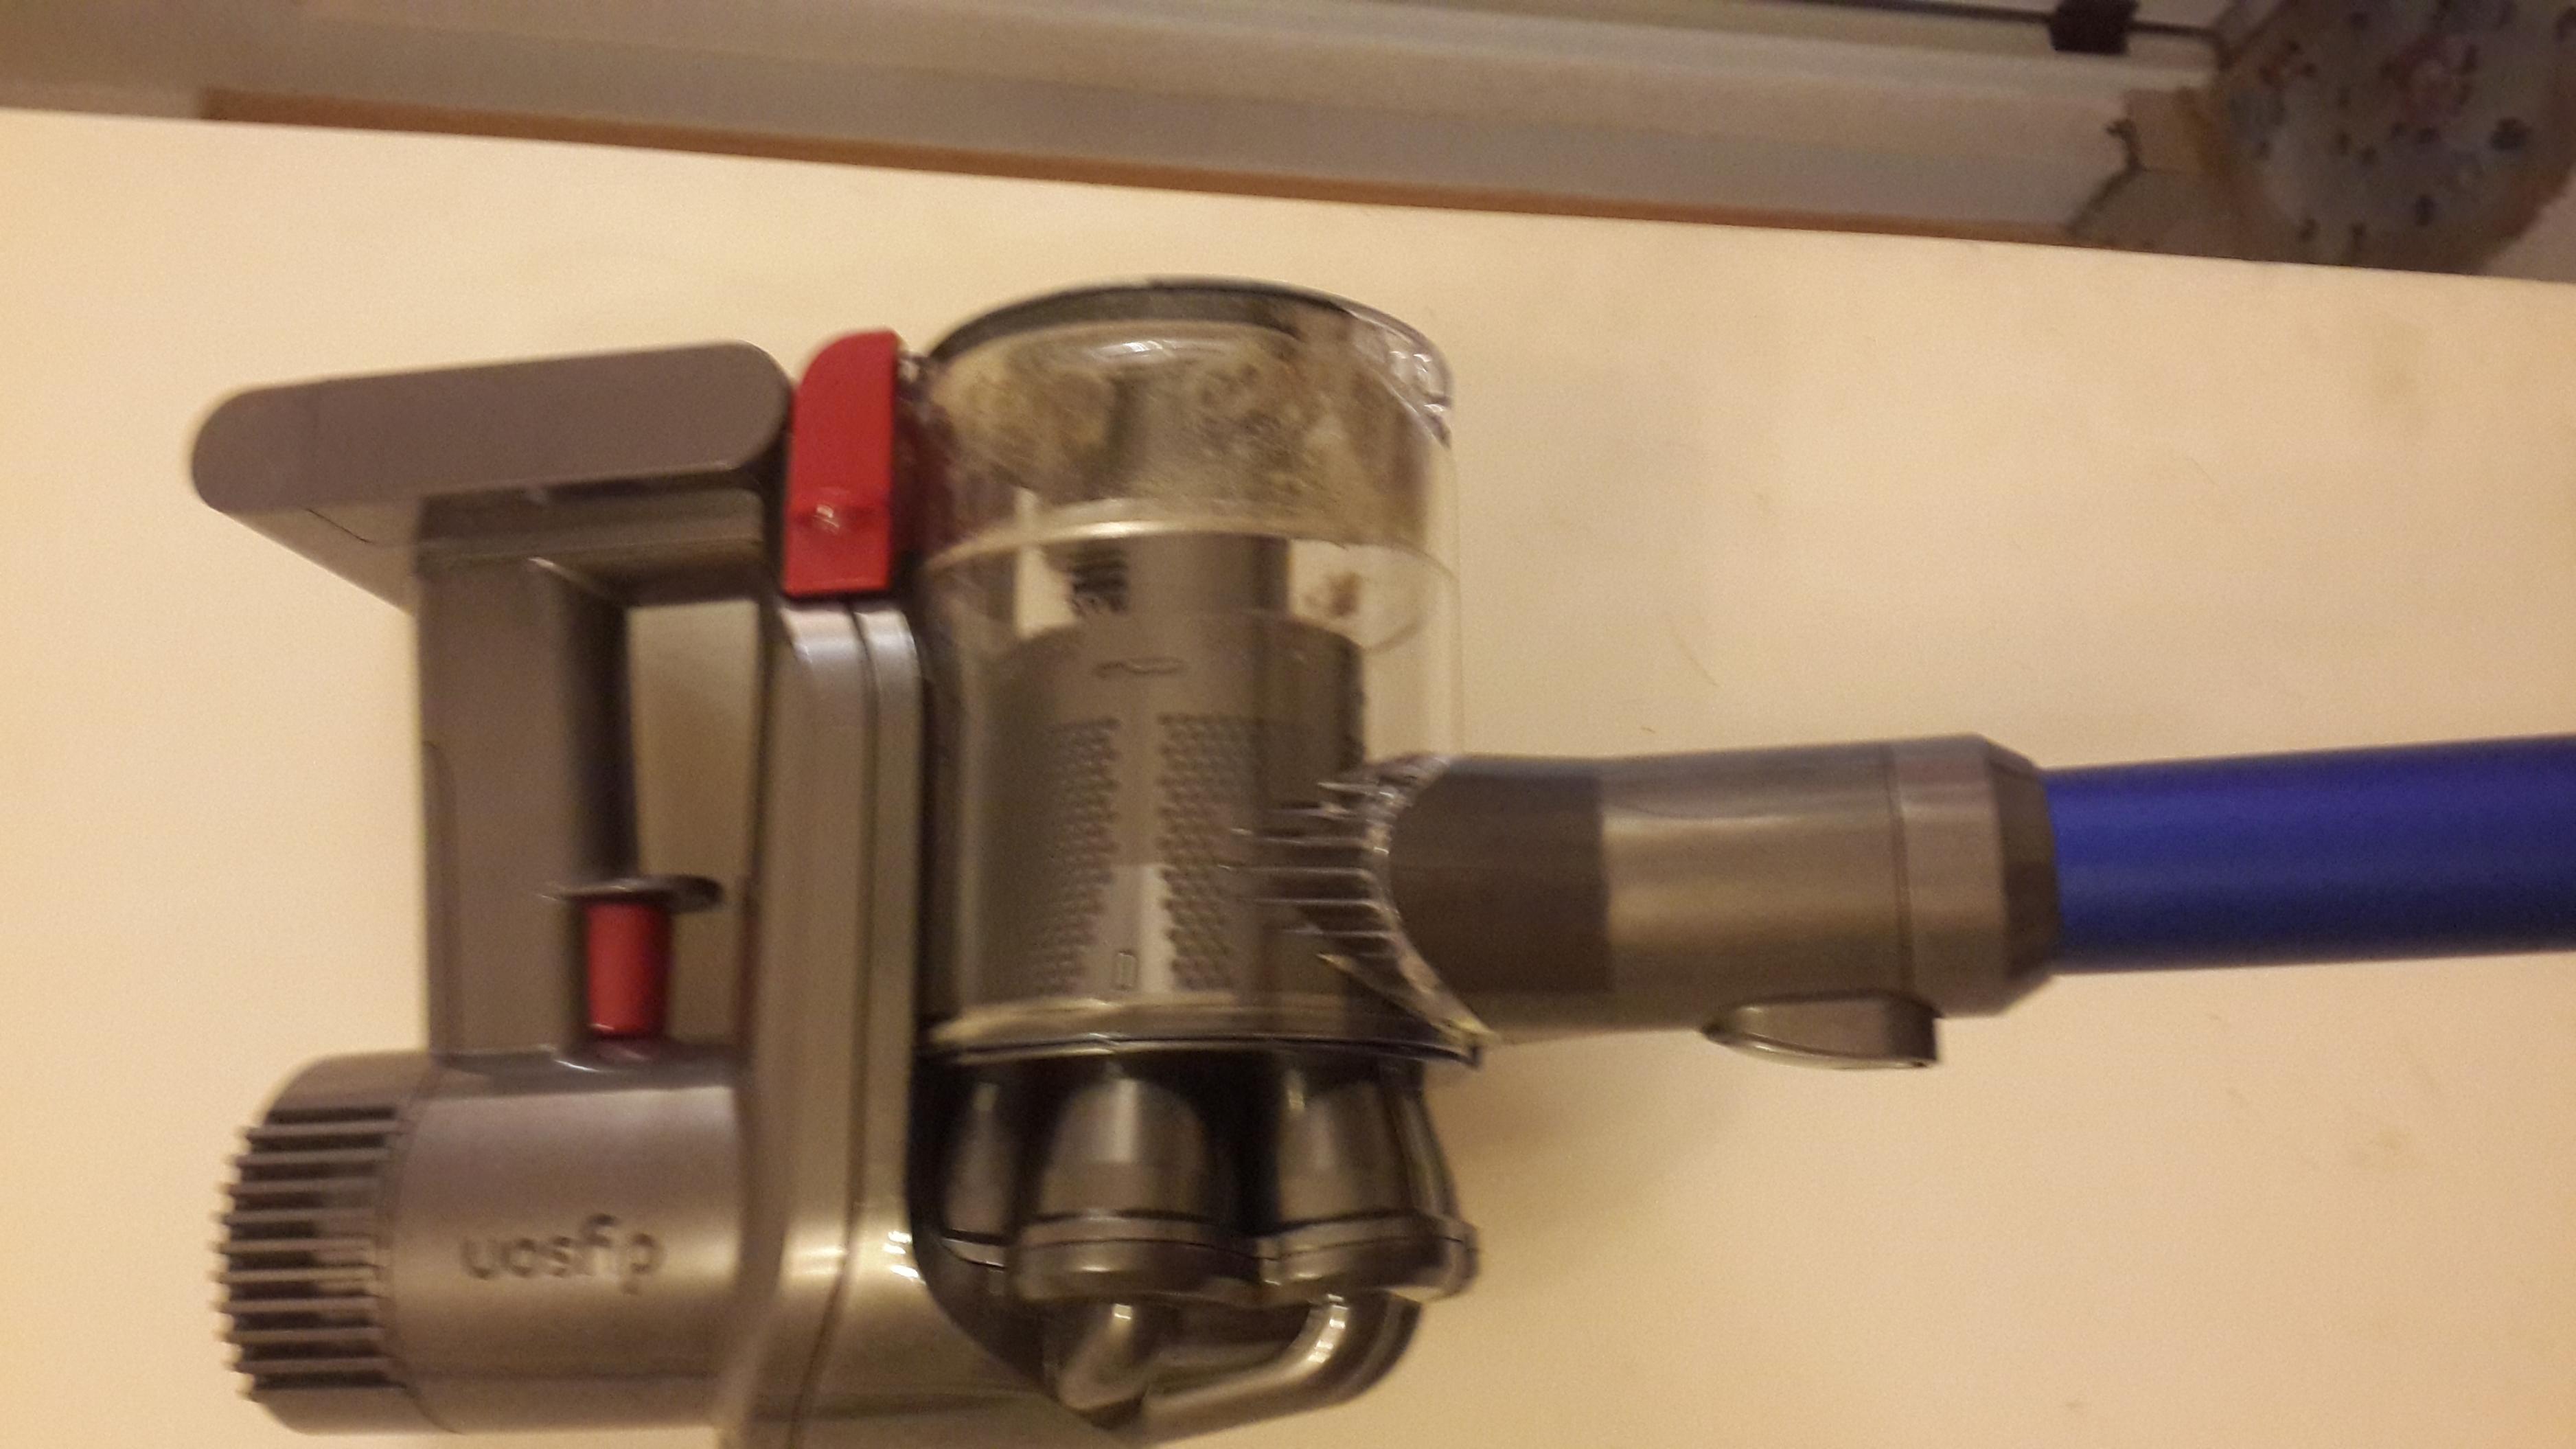 戴森原装进口无线吸尘器(dc45) 蓝色